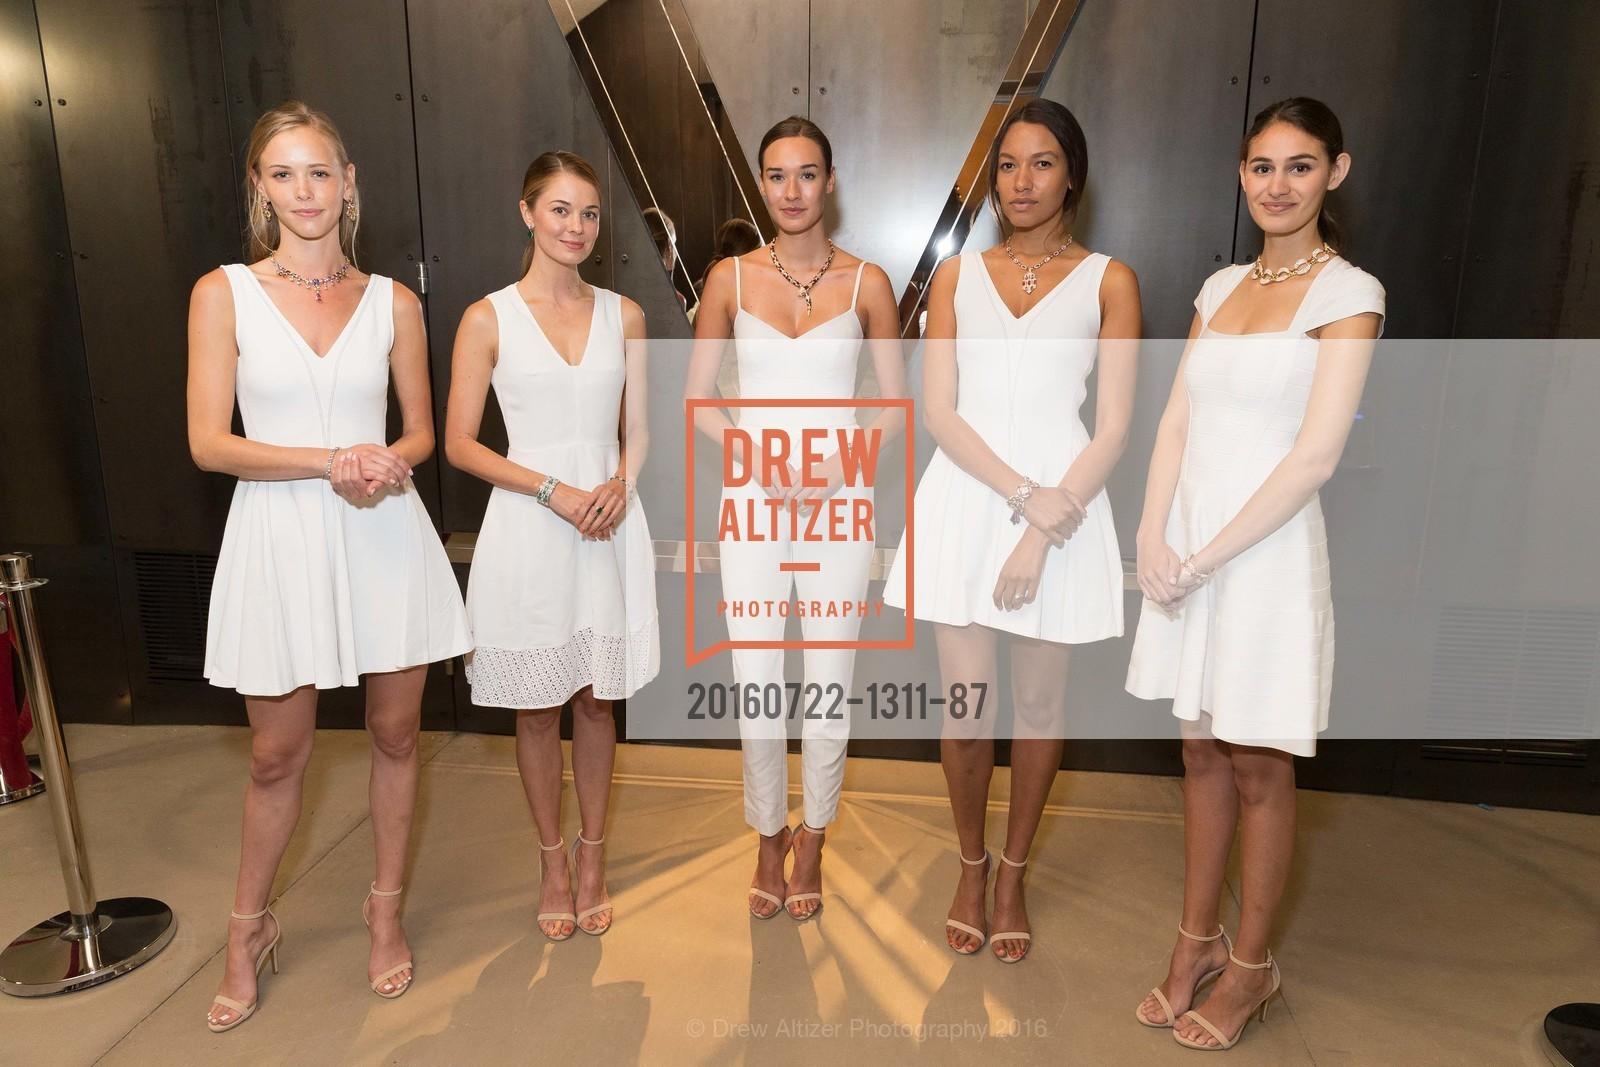 Models, Photo #20160722-1311-87